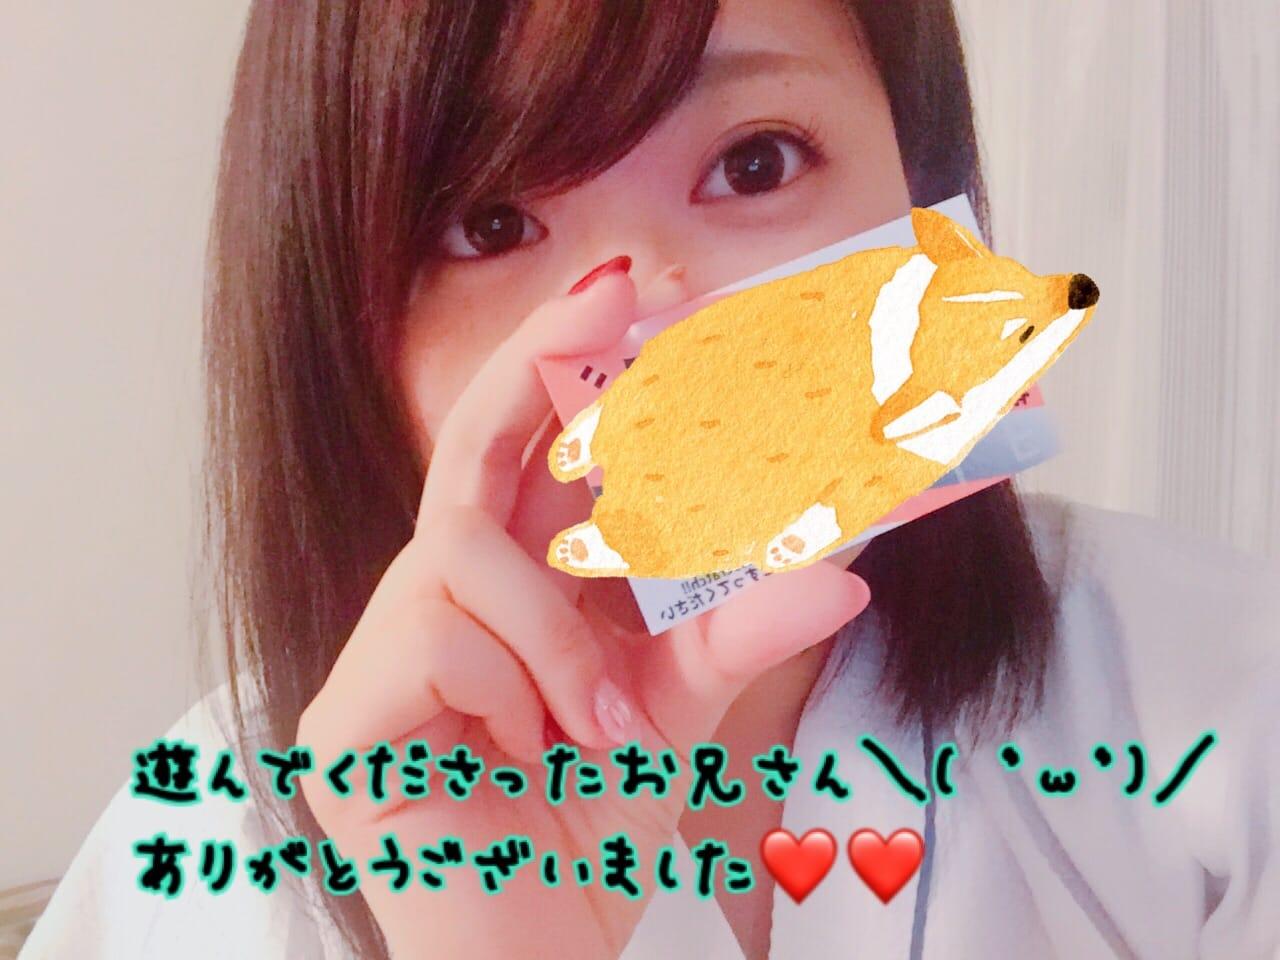 「ありがとうございました\( ˆoˆ )/」09/20(水) 04:34   ランの写メ・風俗動画